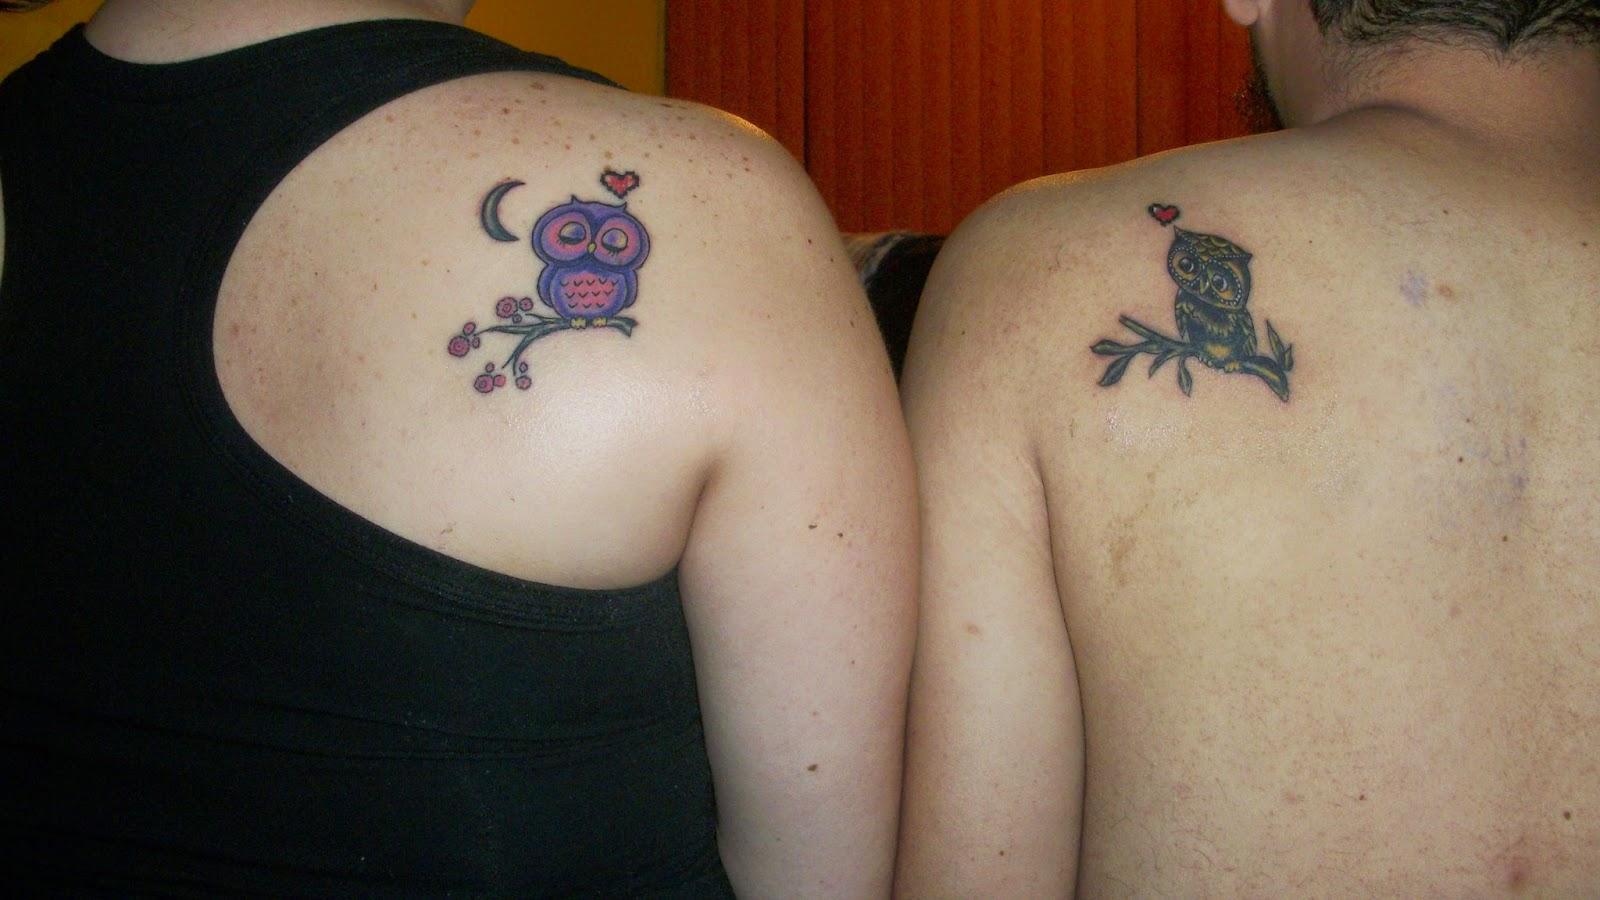 Tatuajes en Murcia - 622 100 758 - Piercing y tatuadores profesionales